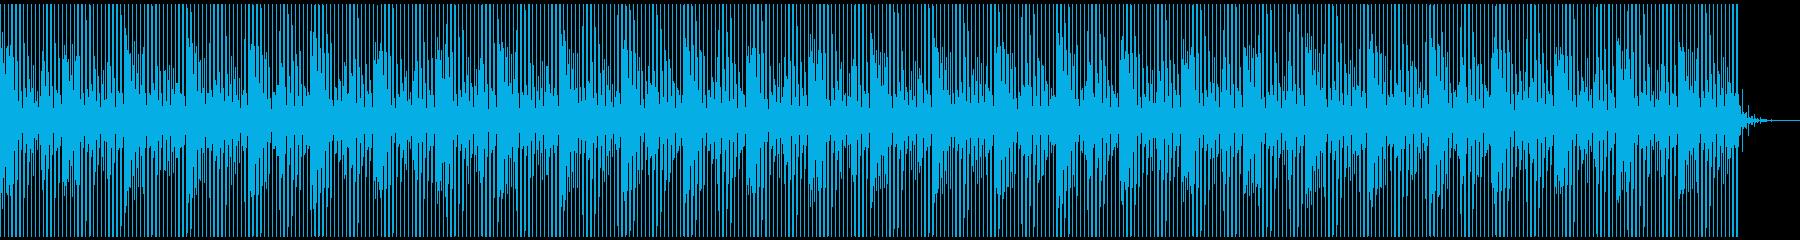 [ニュース報道]無機質:フラット:08の再生済みの波形